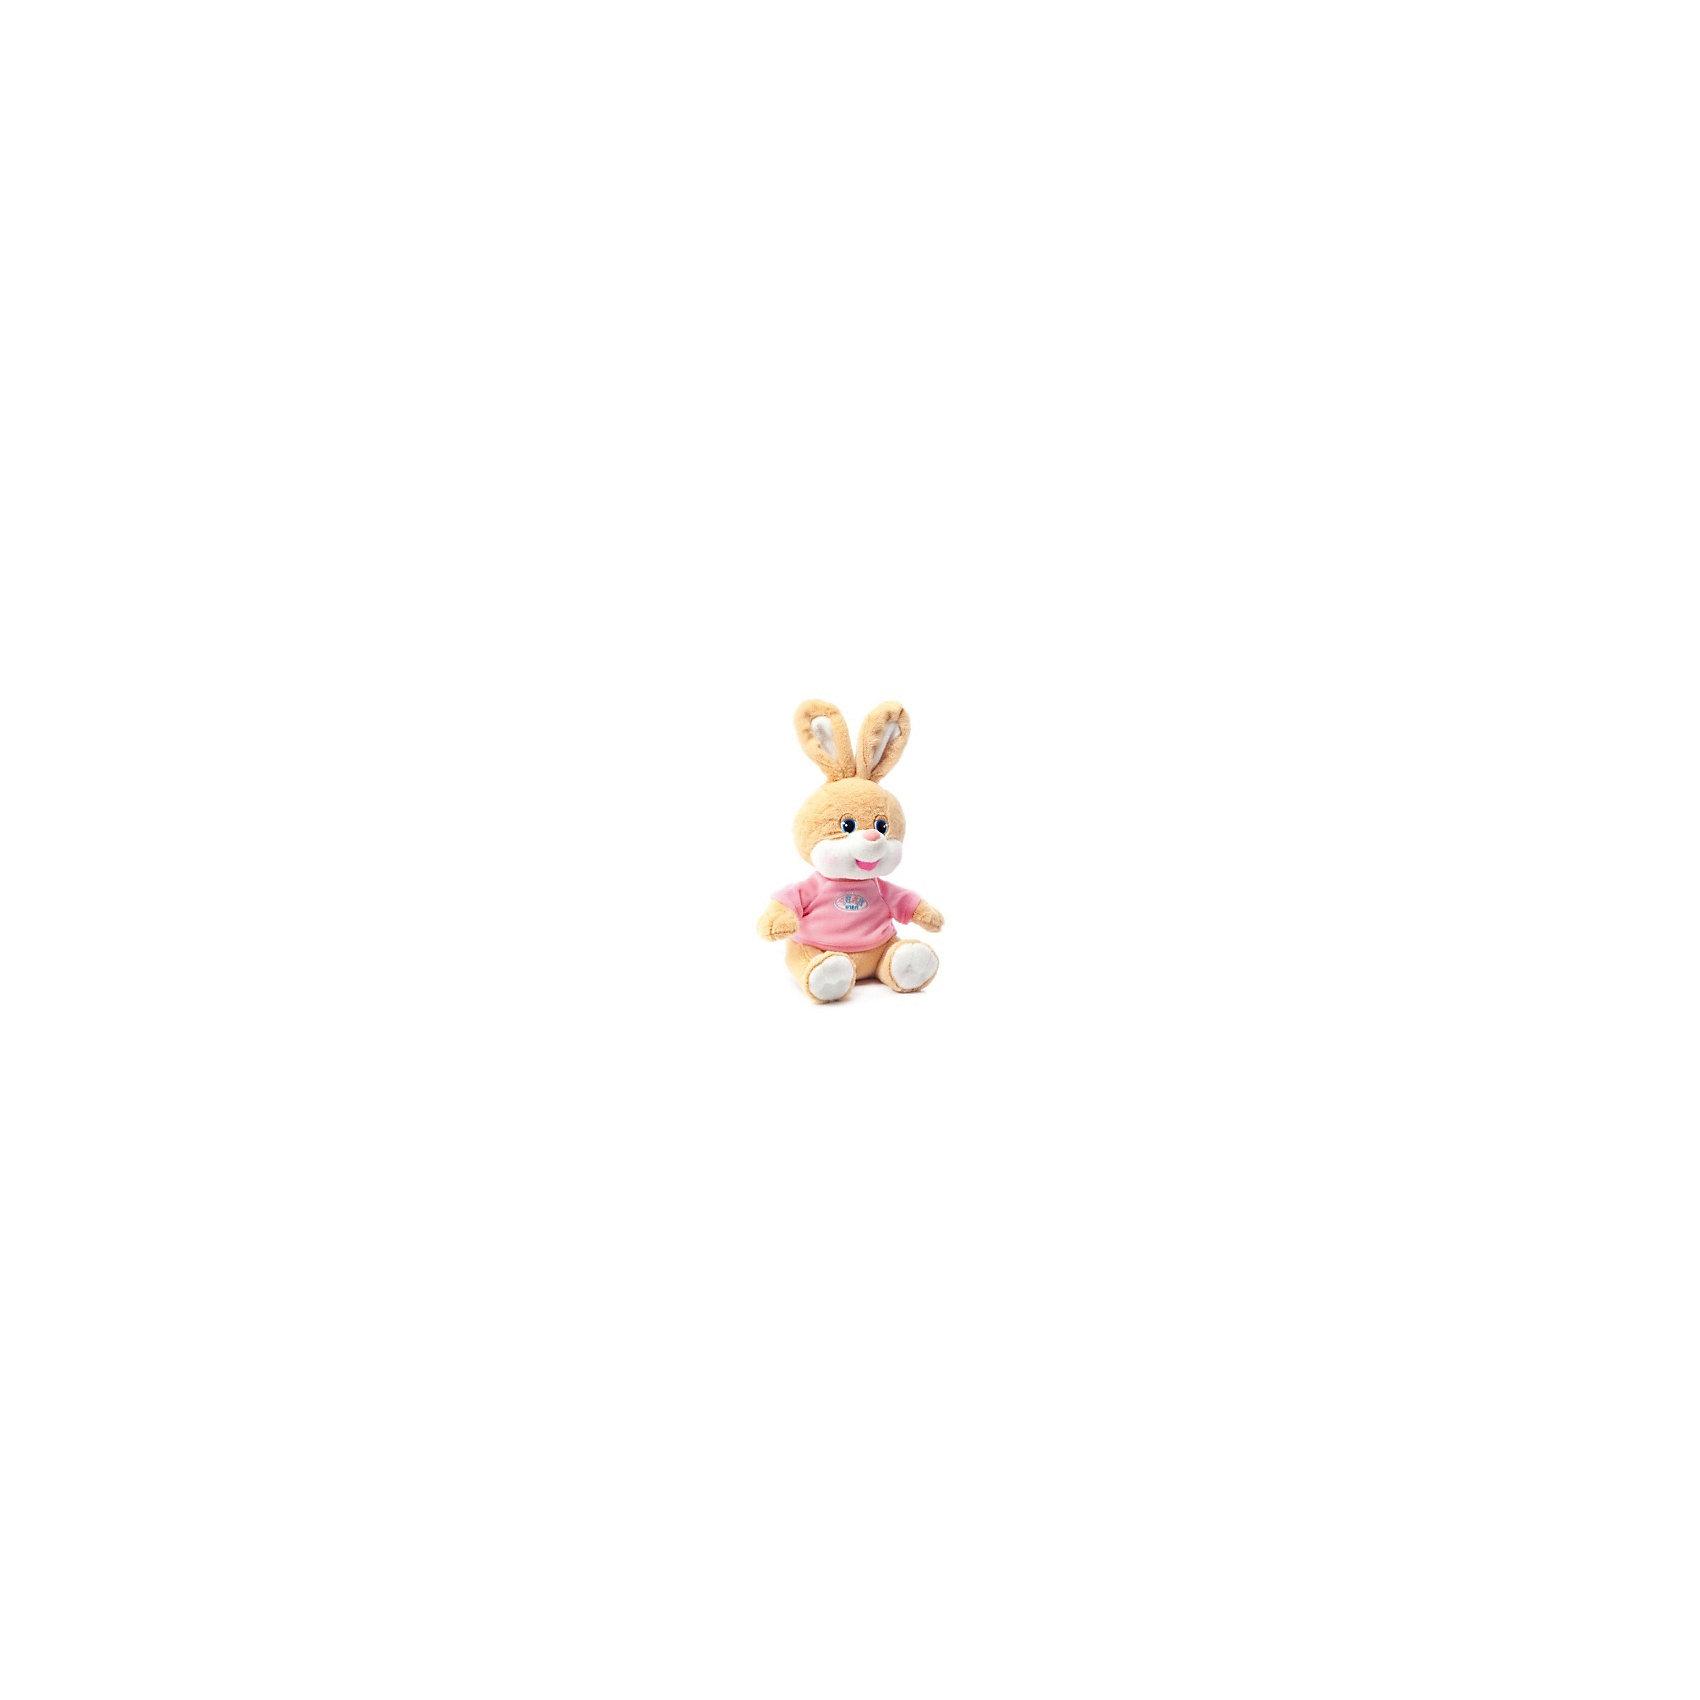 Зайчик Баффи, розовый, музыкальный, LAVAОзвученные мягкие игрушки<br>Этот милый зайчик приведет в восторг любого ребенка! Зайку зовут Баффи, он очень мягкий, приятный на ощупь и умеет петь веселую песенку. Игрушка изготовлена из высококачественного материала, абсолютно безопасного для детей. <br><br>Дополнительная информация:<br><br>- Материал: искусственный мех, текстиль, синтепон, пластик.<br>- Высота: 22 см.<br>- Поет песенку (Щенок растёт...).<br>- Элемент питания: батарейка (в комплекте).<br><br>Зайчика Баффи, музыкального, 22 см., LAVA (ЛАВА) можно купить в нашем магазине.<br><br>Ширина мм: 150<br>Глубина мм: 150<br>Высота мм: 220<br>Вес г: 224<br>Возраст от месяцев: 36<br>Возраст до месяцев: 1188<br>Пол: Унисекс<br>Возраст: Детский<br>SKU: 4850045